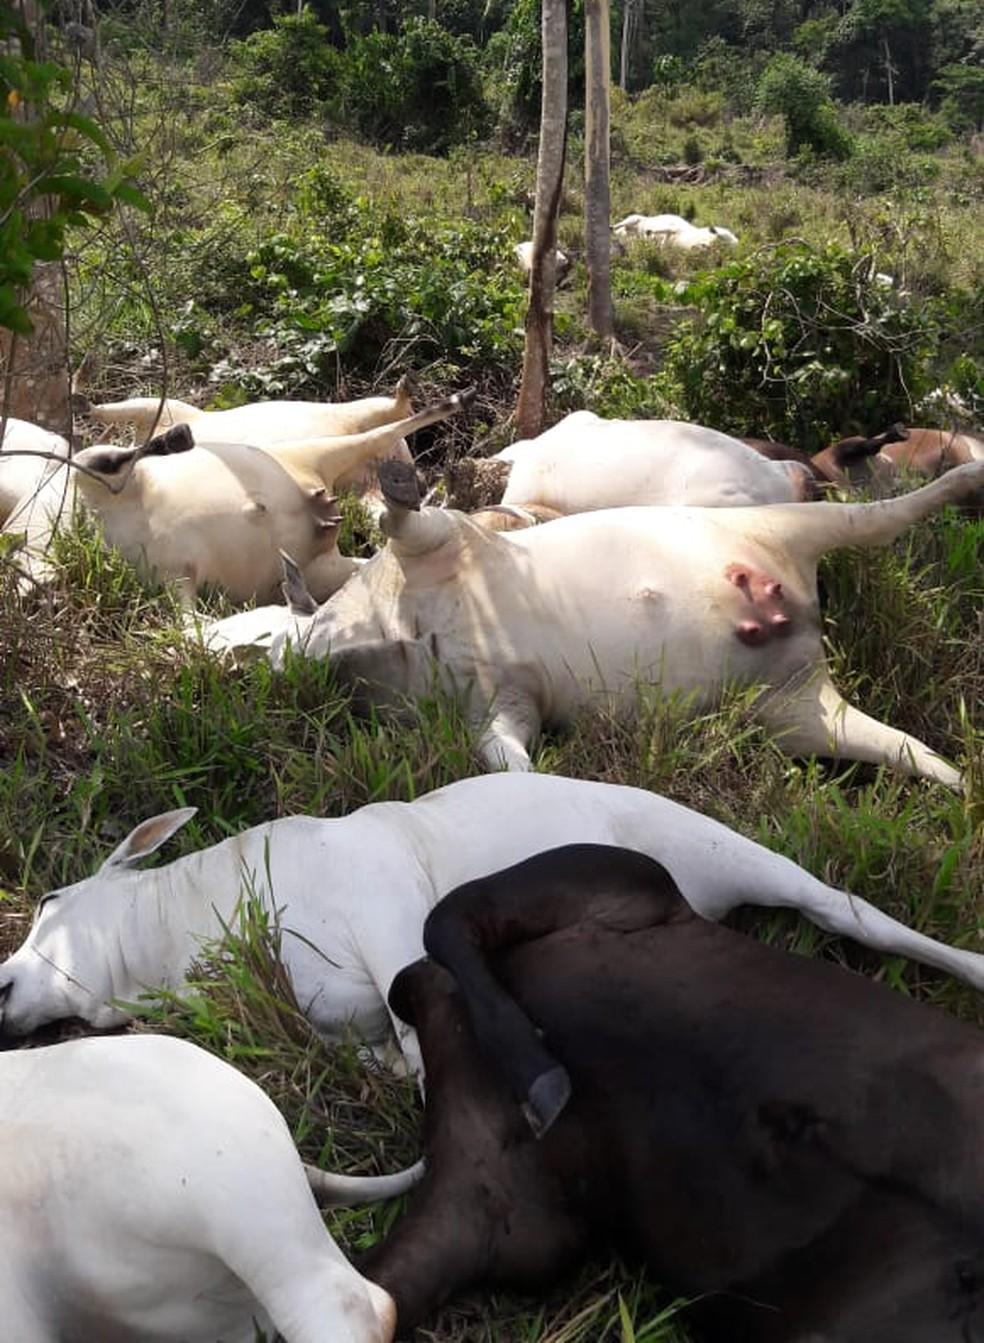 Sitiante encontrou os animais mortes dois dias depois da descarga elétrica — Foto: Cleverson Veronese/Arquivo pessoal